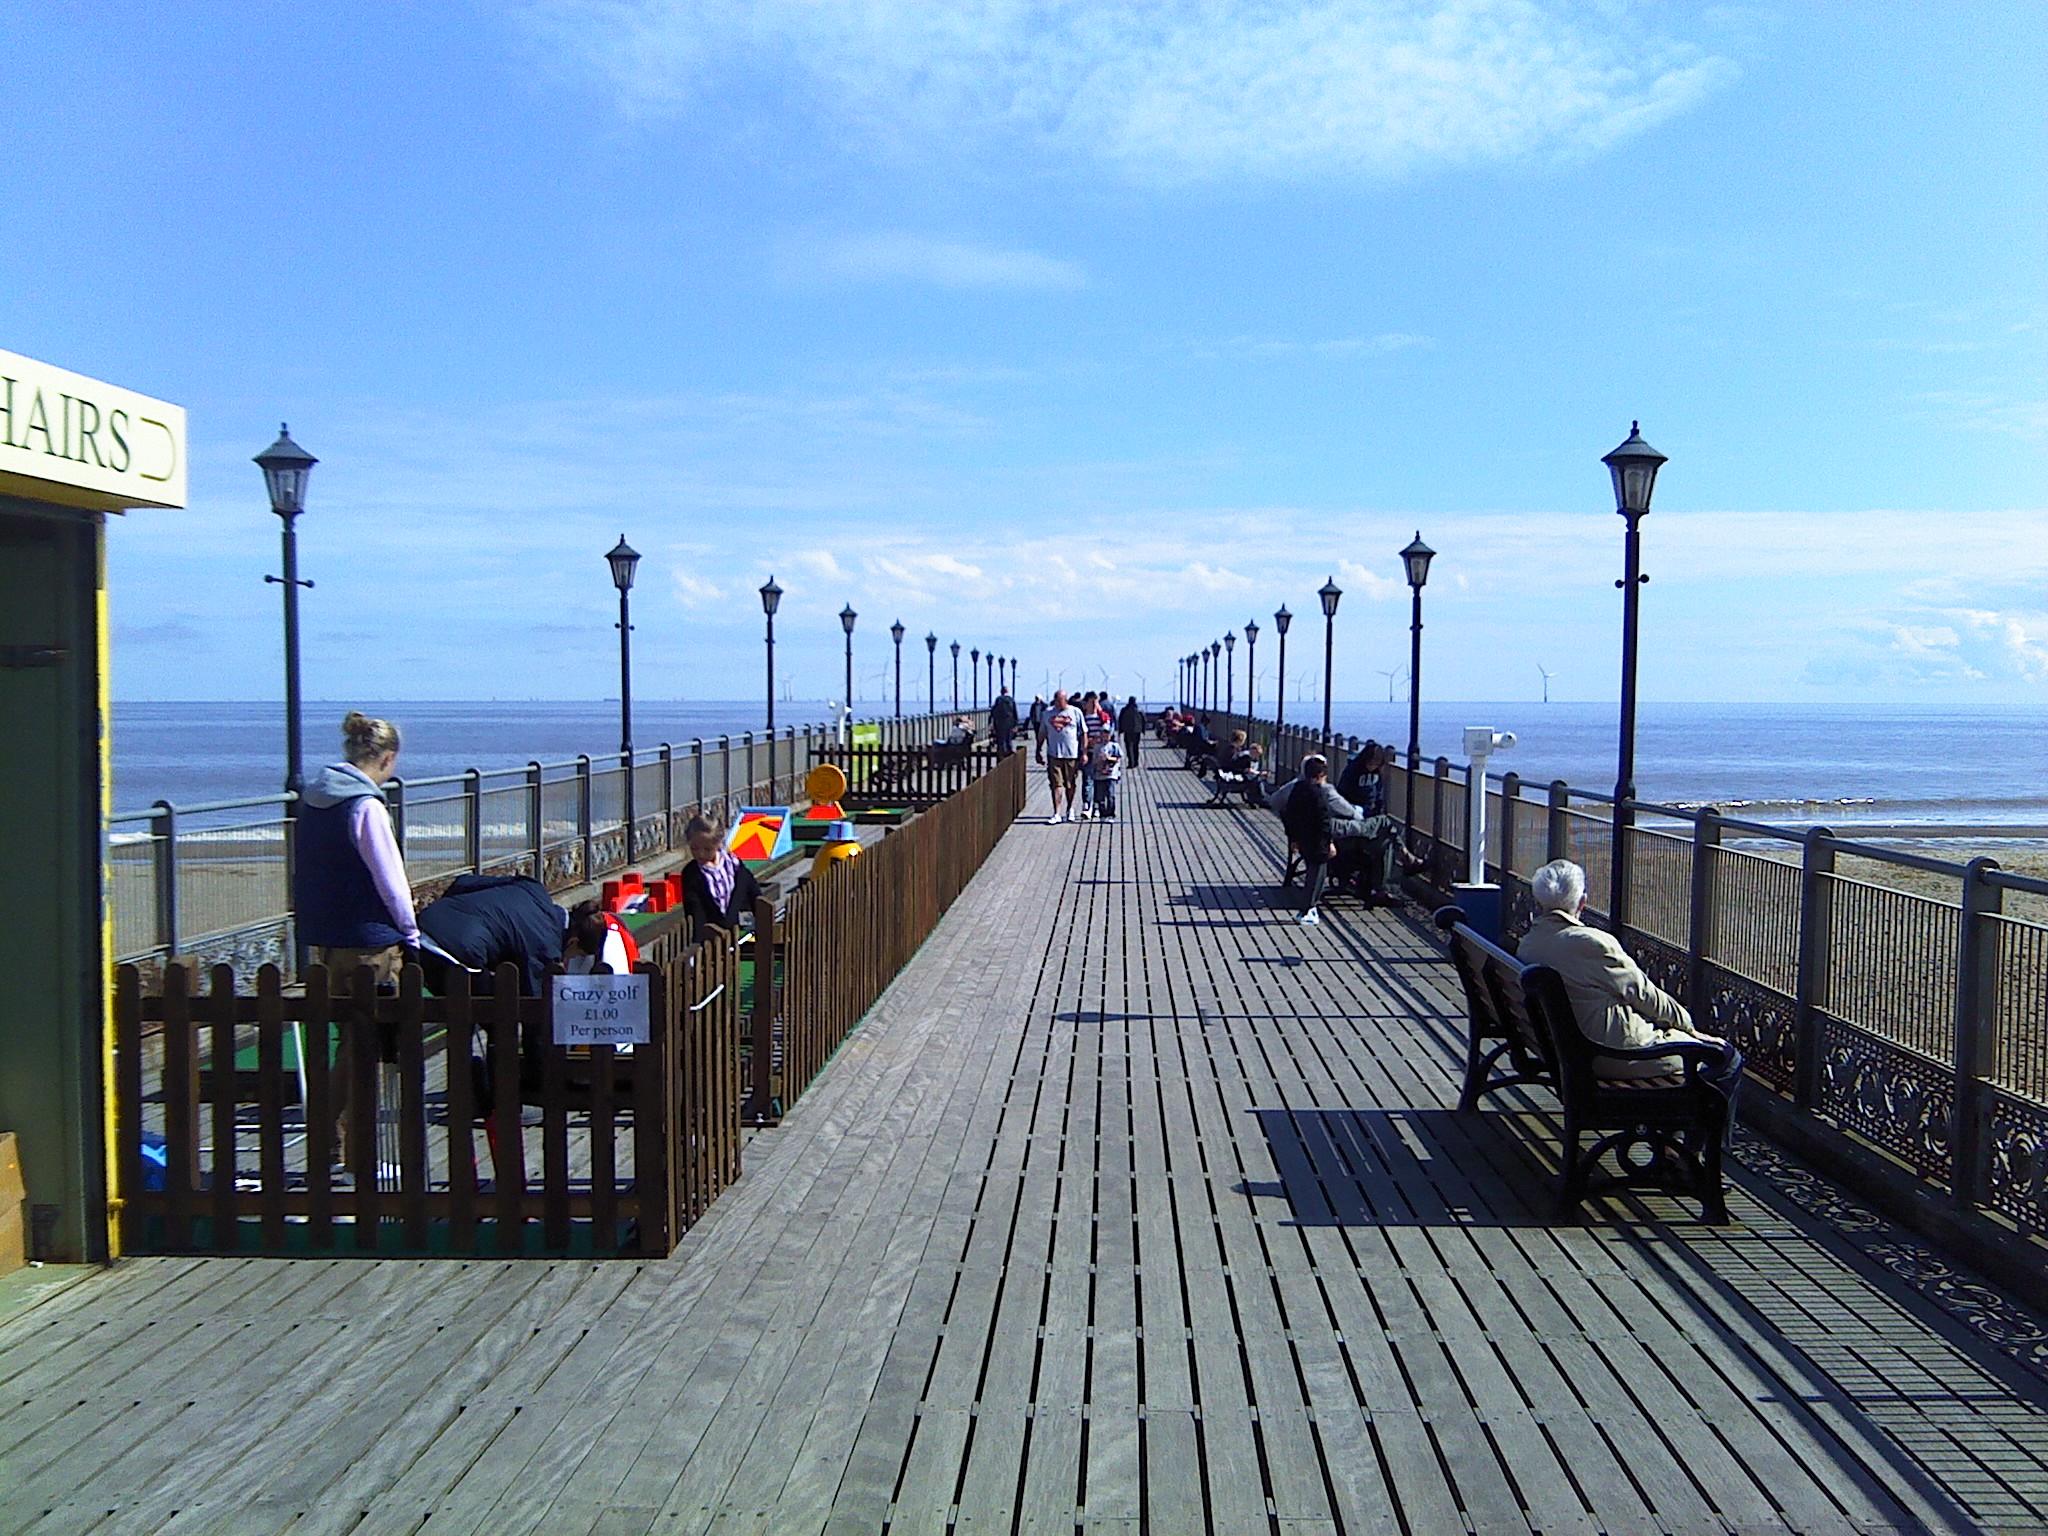 Skegness Pier